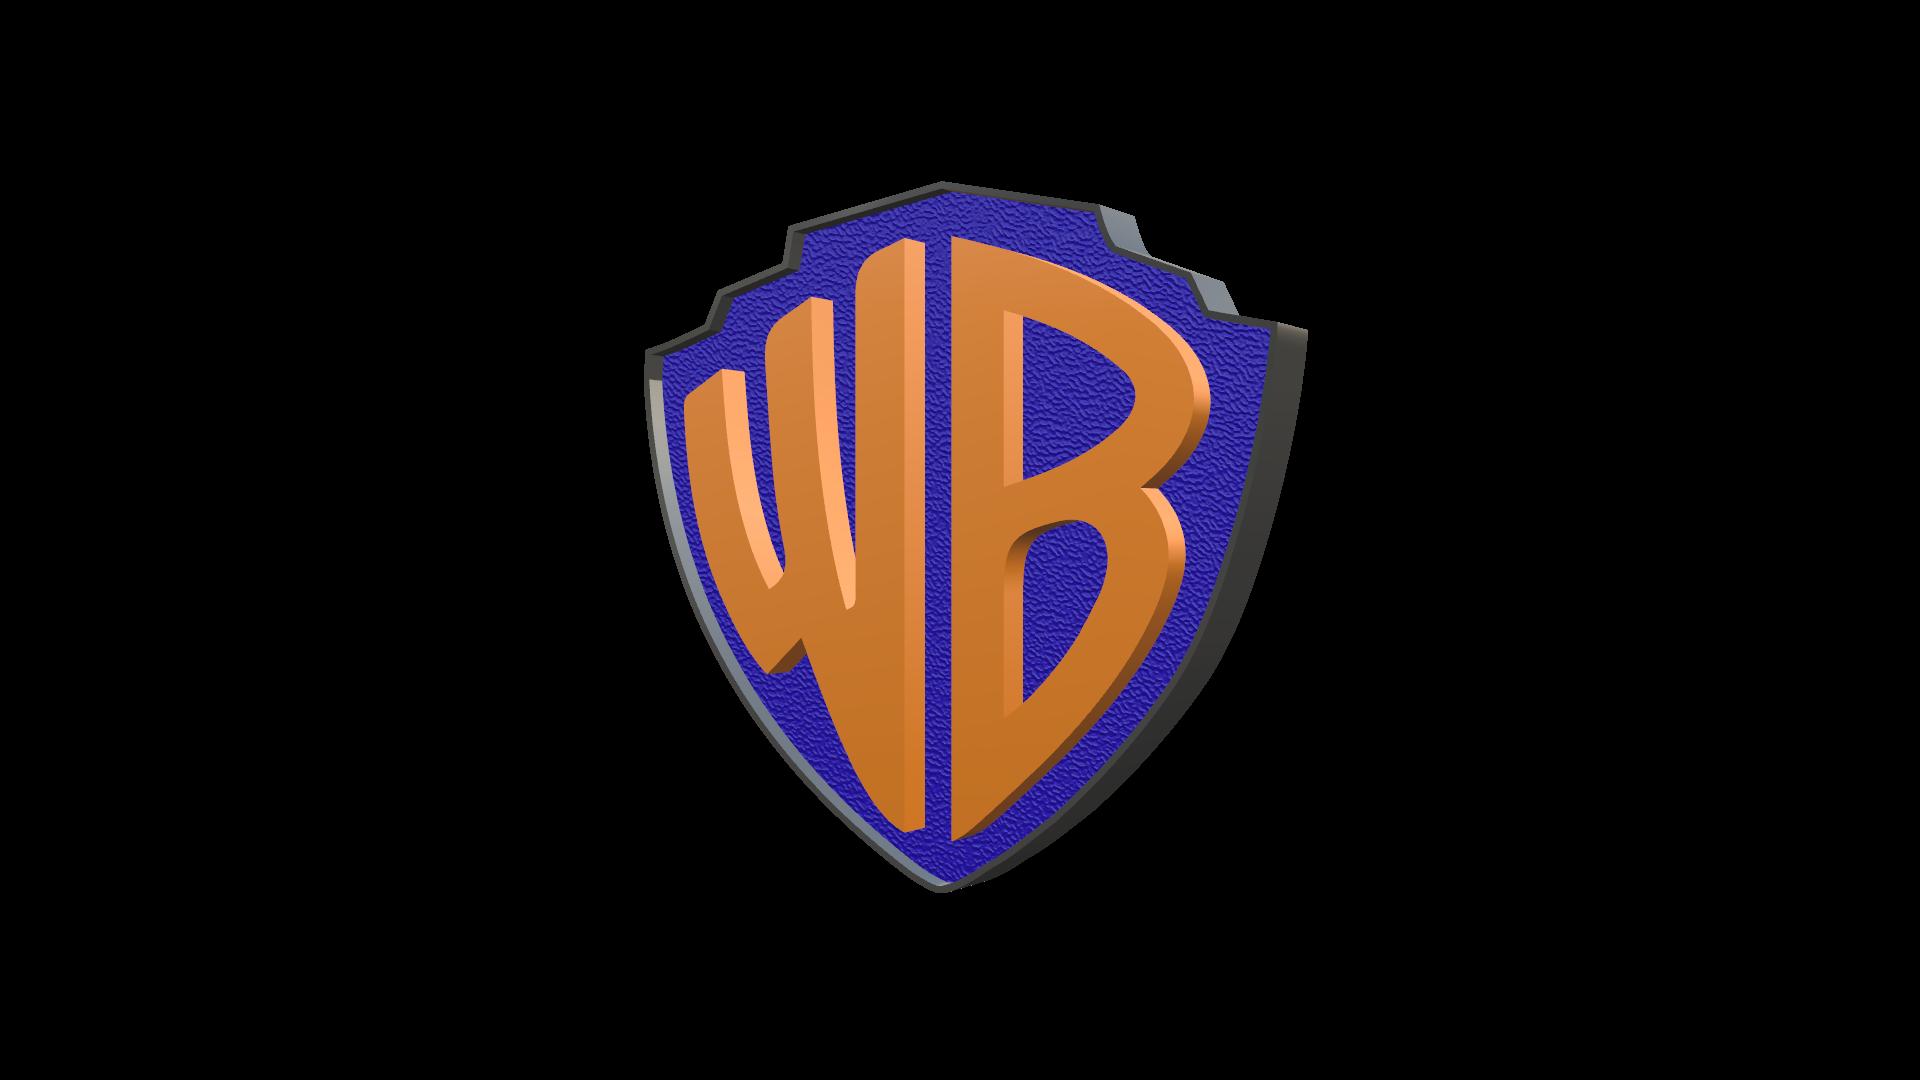 QT44 WBロゴの作り方 PF